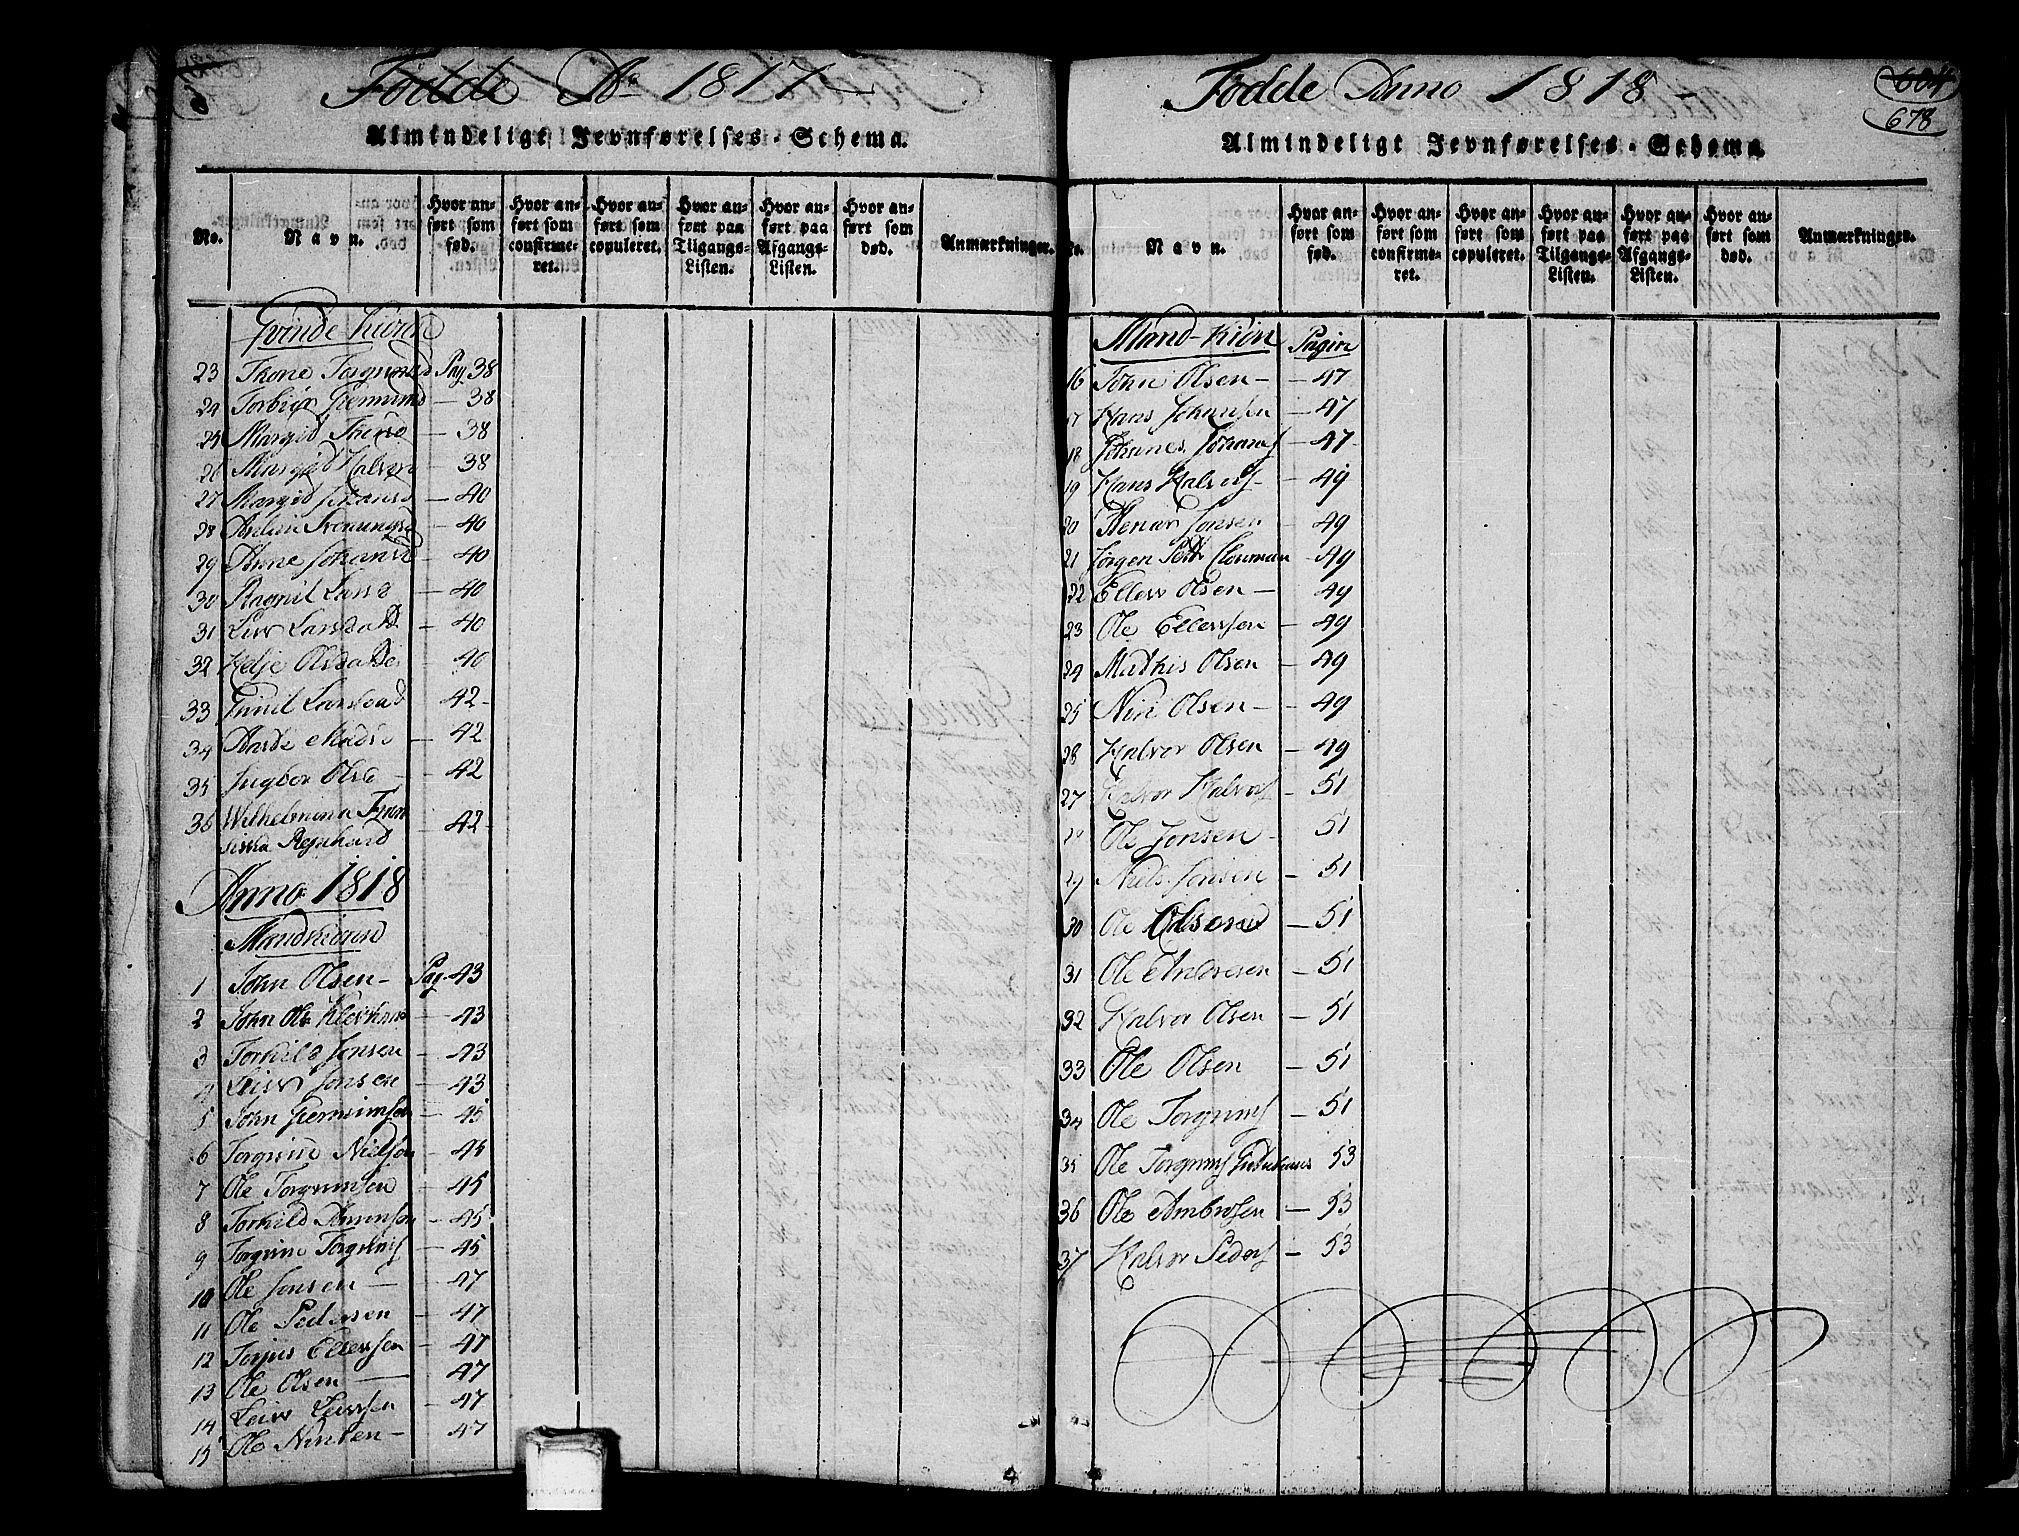 SAKO, Heddal kirkebøker, F/Fa/L0005: Ministerialbok nr. I 5, 1814-1837, s. 677-678